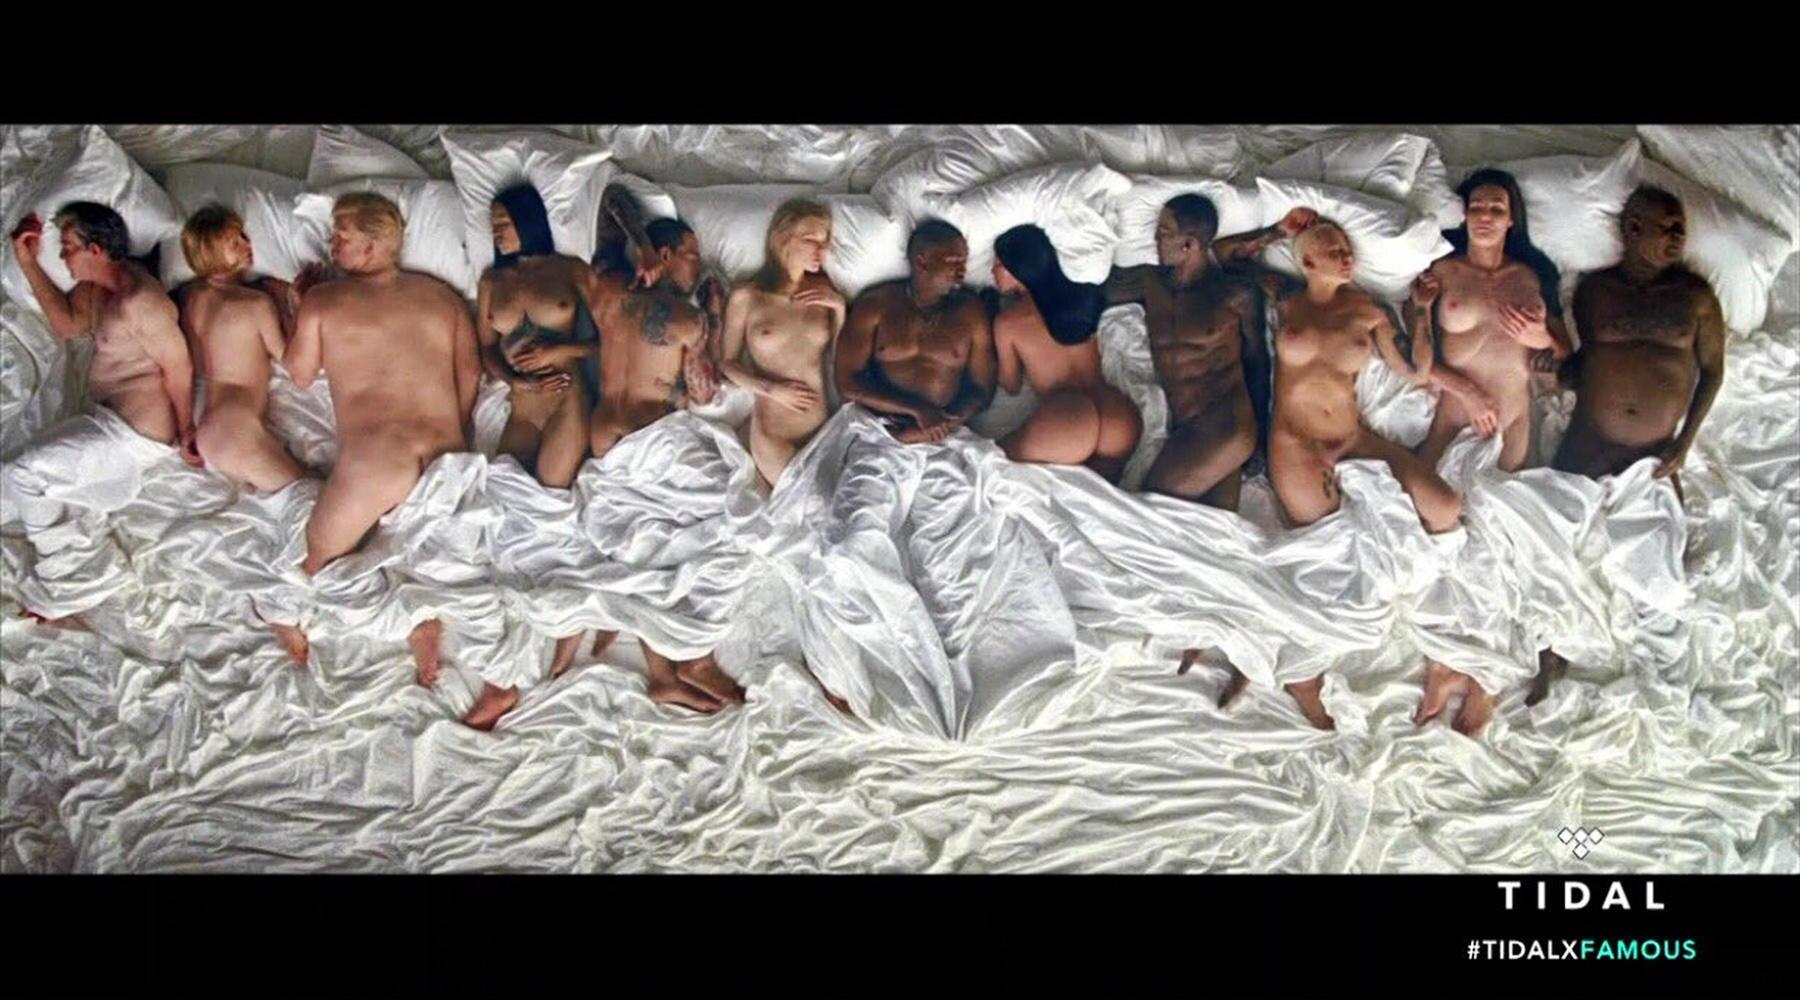 """Taylor Swift: Kanye West liegt in seinem Video zum Song """"Famous"""" inmitten nackter Promis. Sie alle dürften nicht erfreut über die neueste Provokation des Sängers sein."""